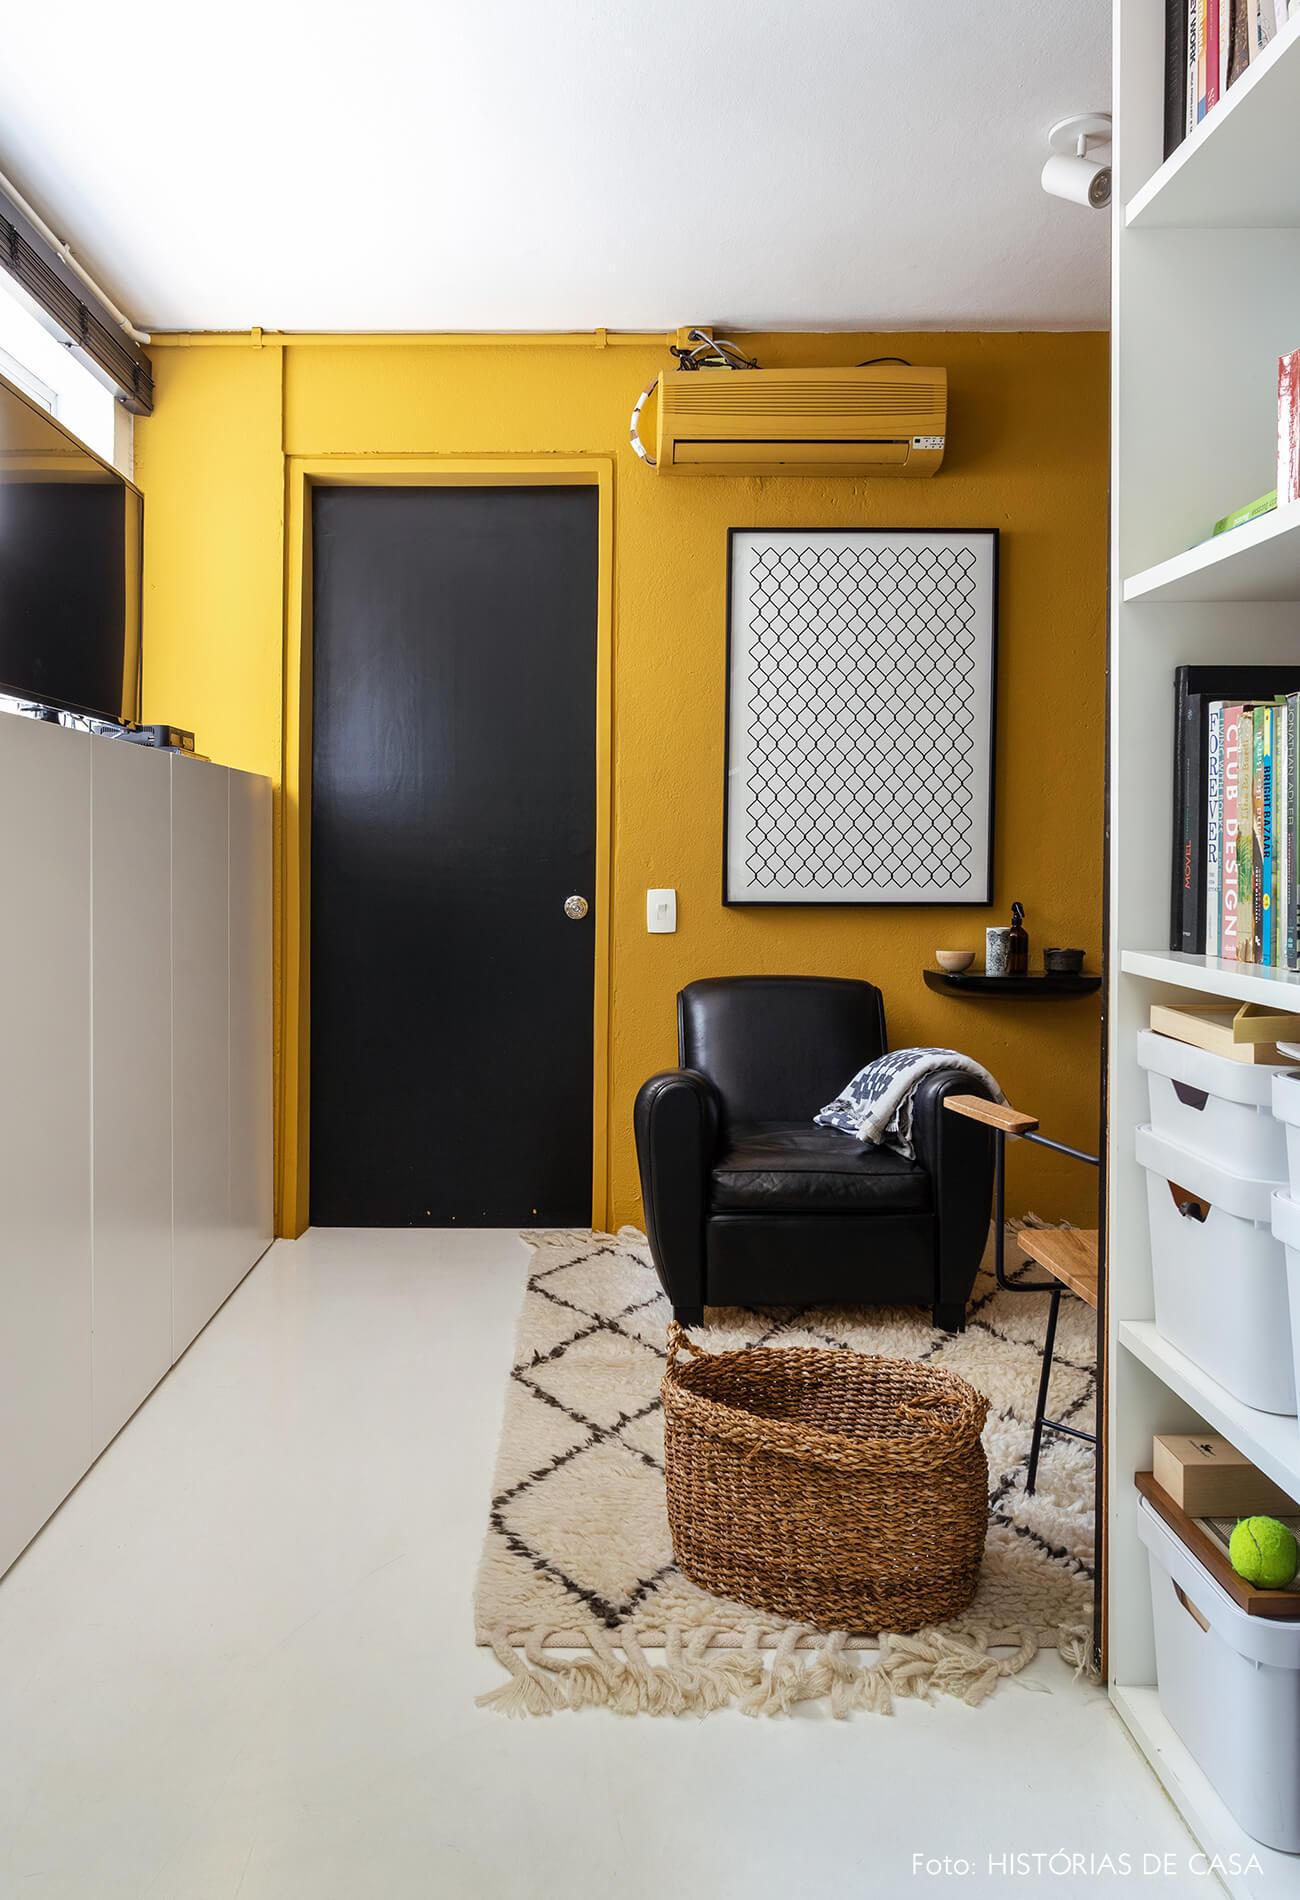 A casa do Maurício Arruda, sala com porta pintada de preto